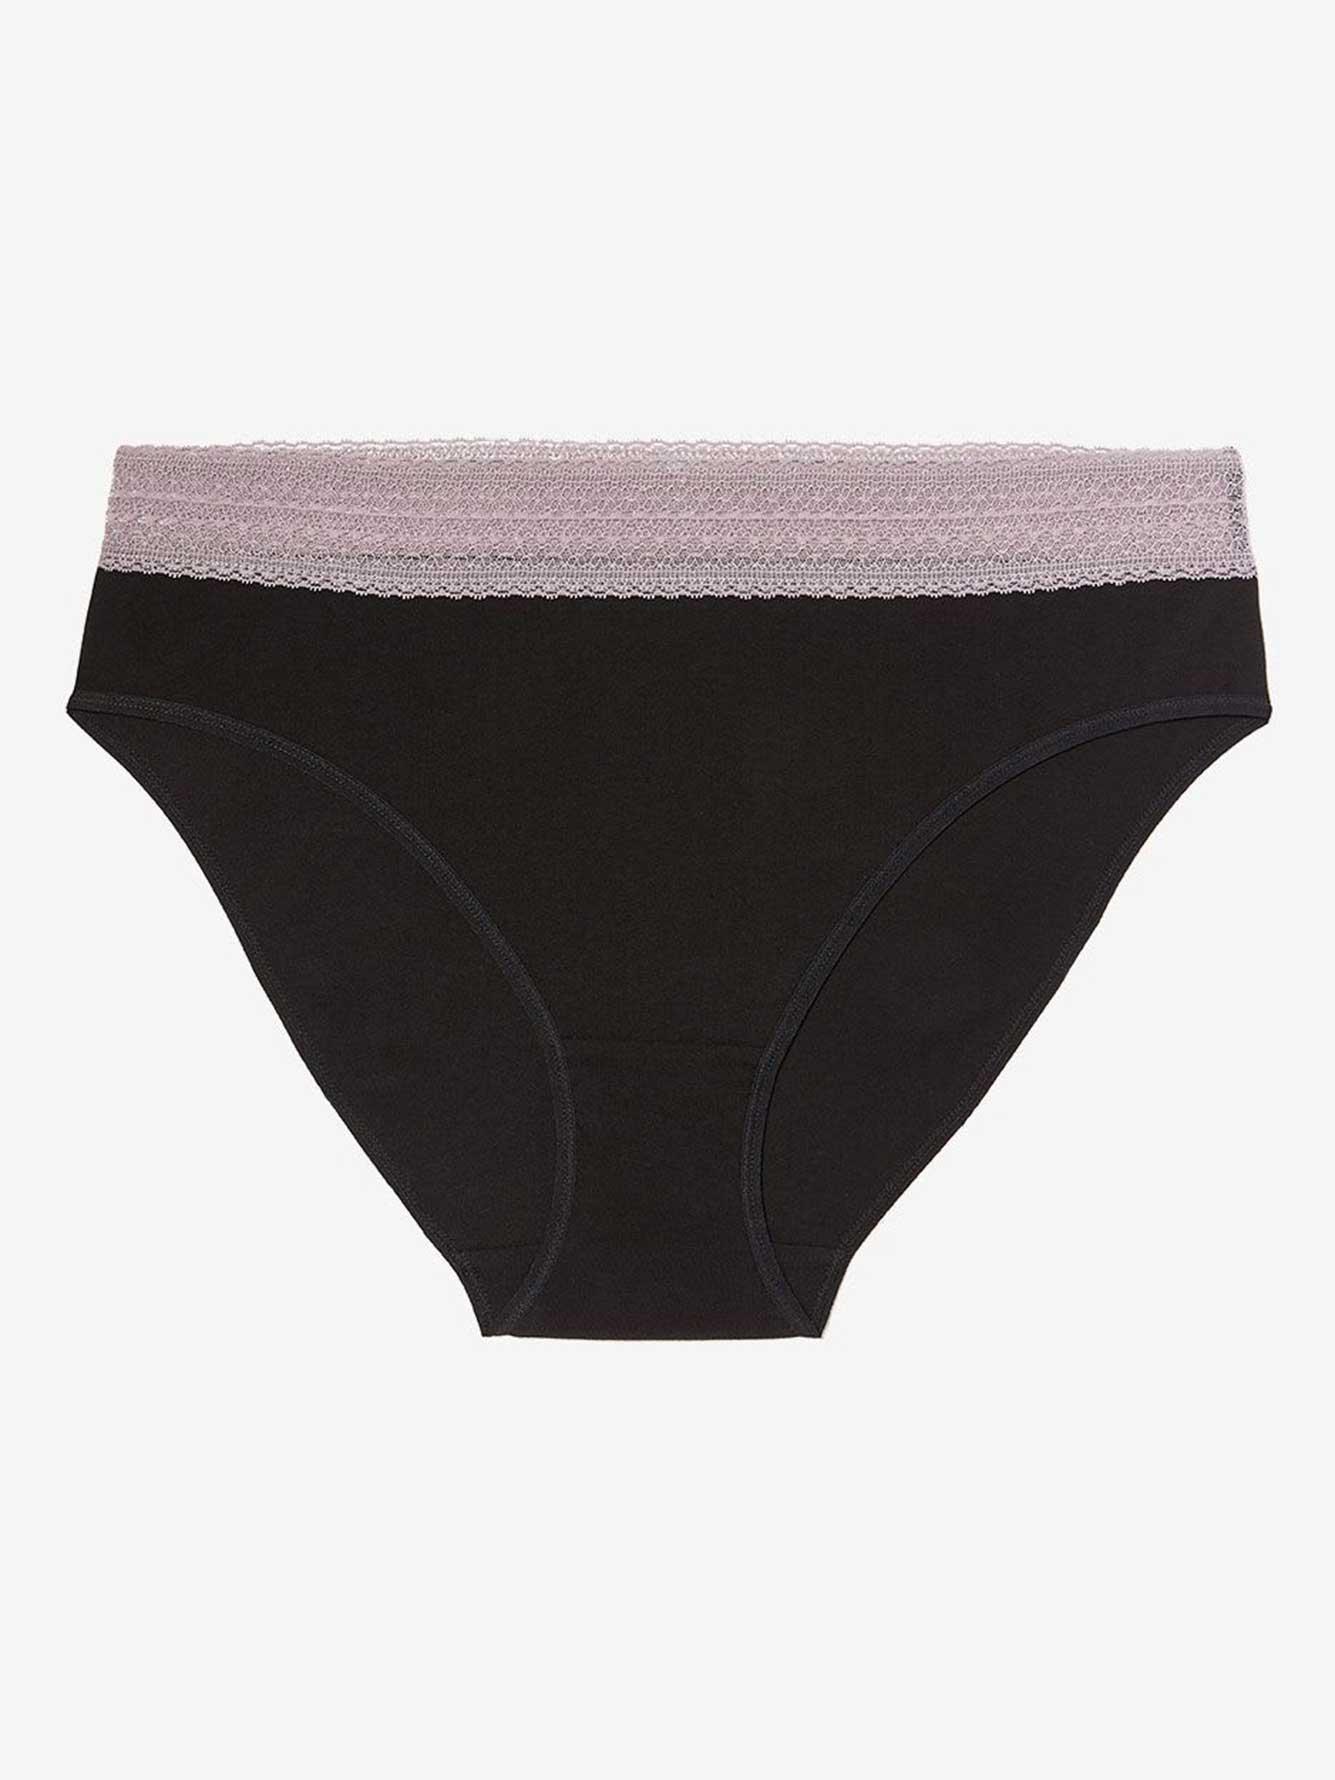 4d03a6e5b High Cut Cotton Panty with Lace - Déesse Collection